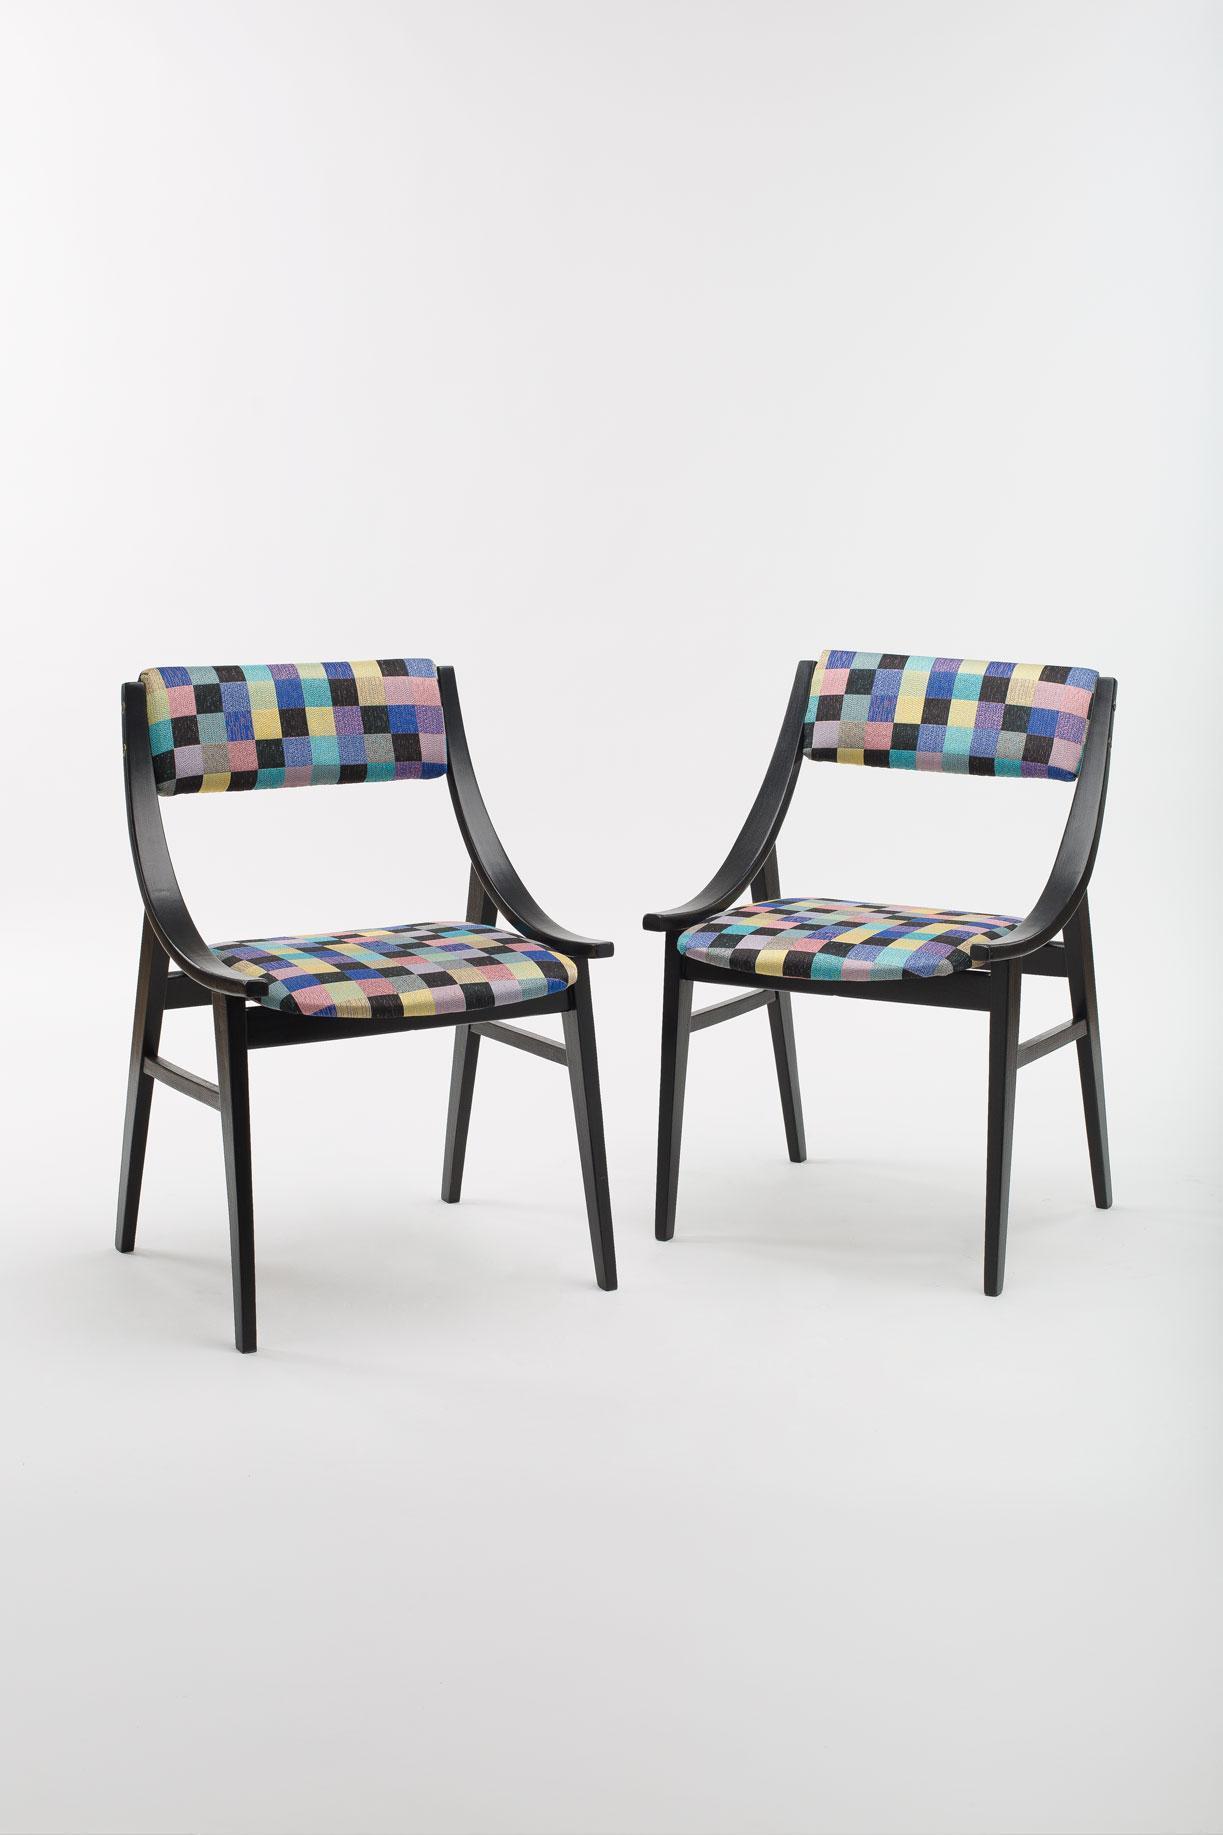 para krzeslo skoczek 1